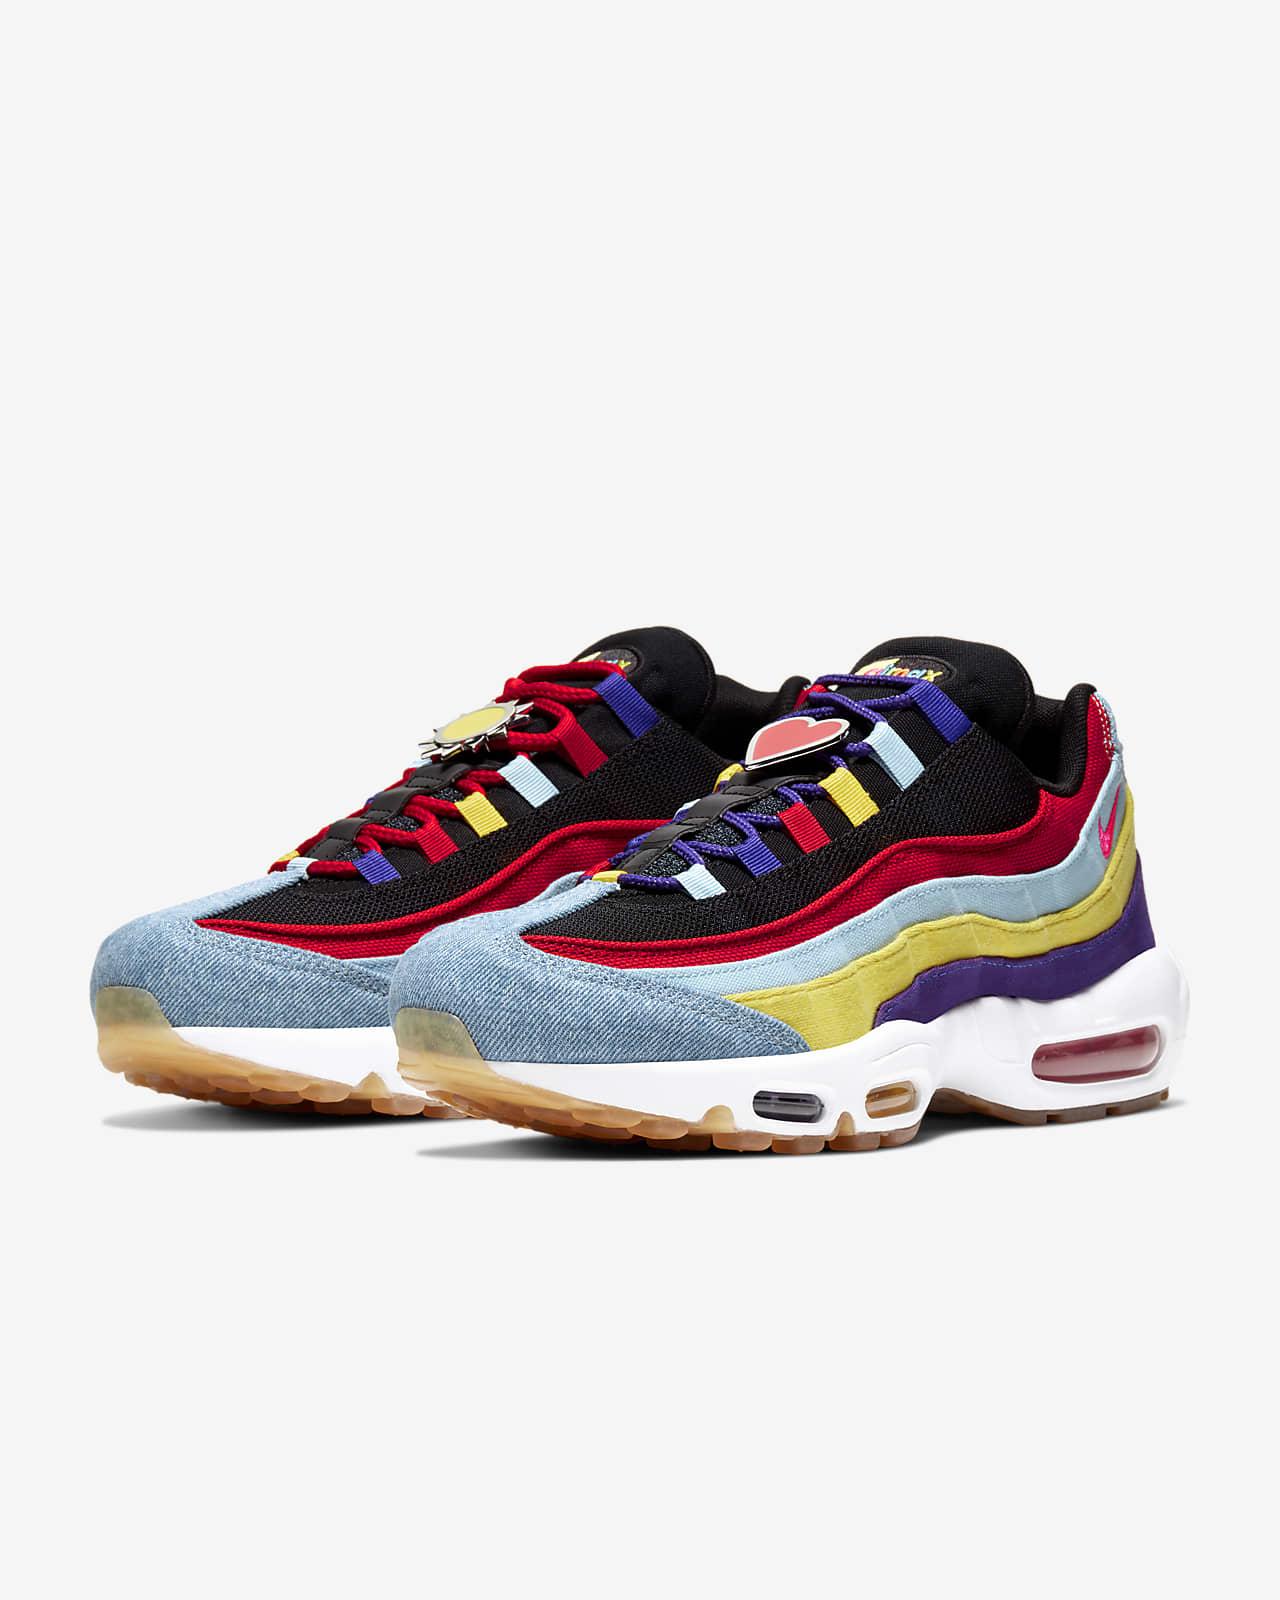 sneakers nike air max 95